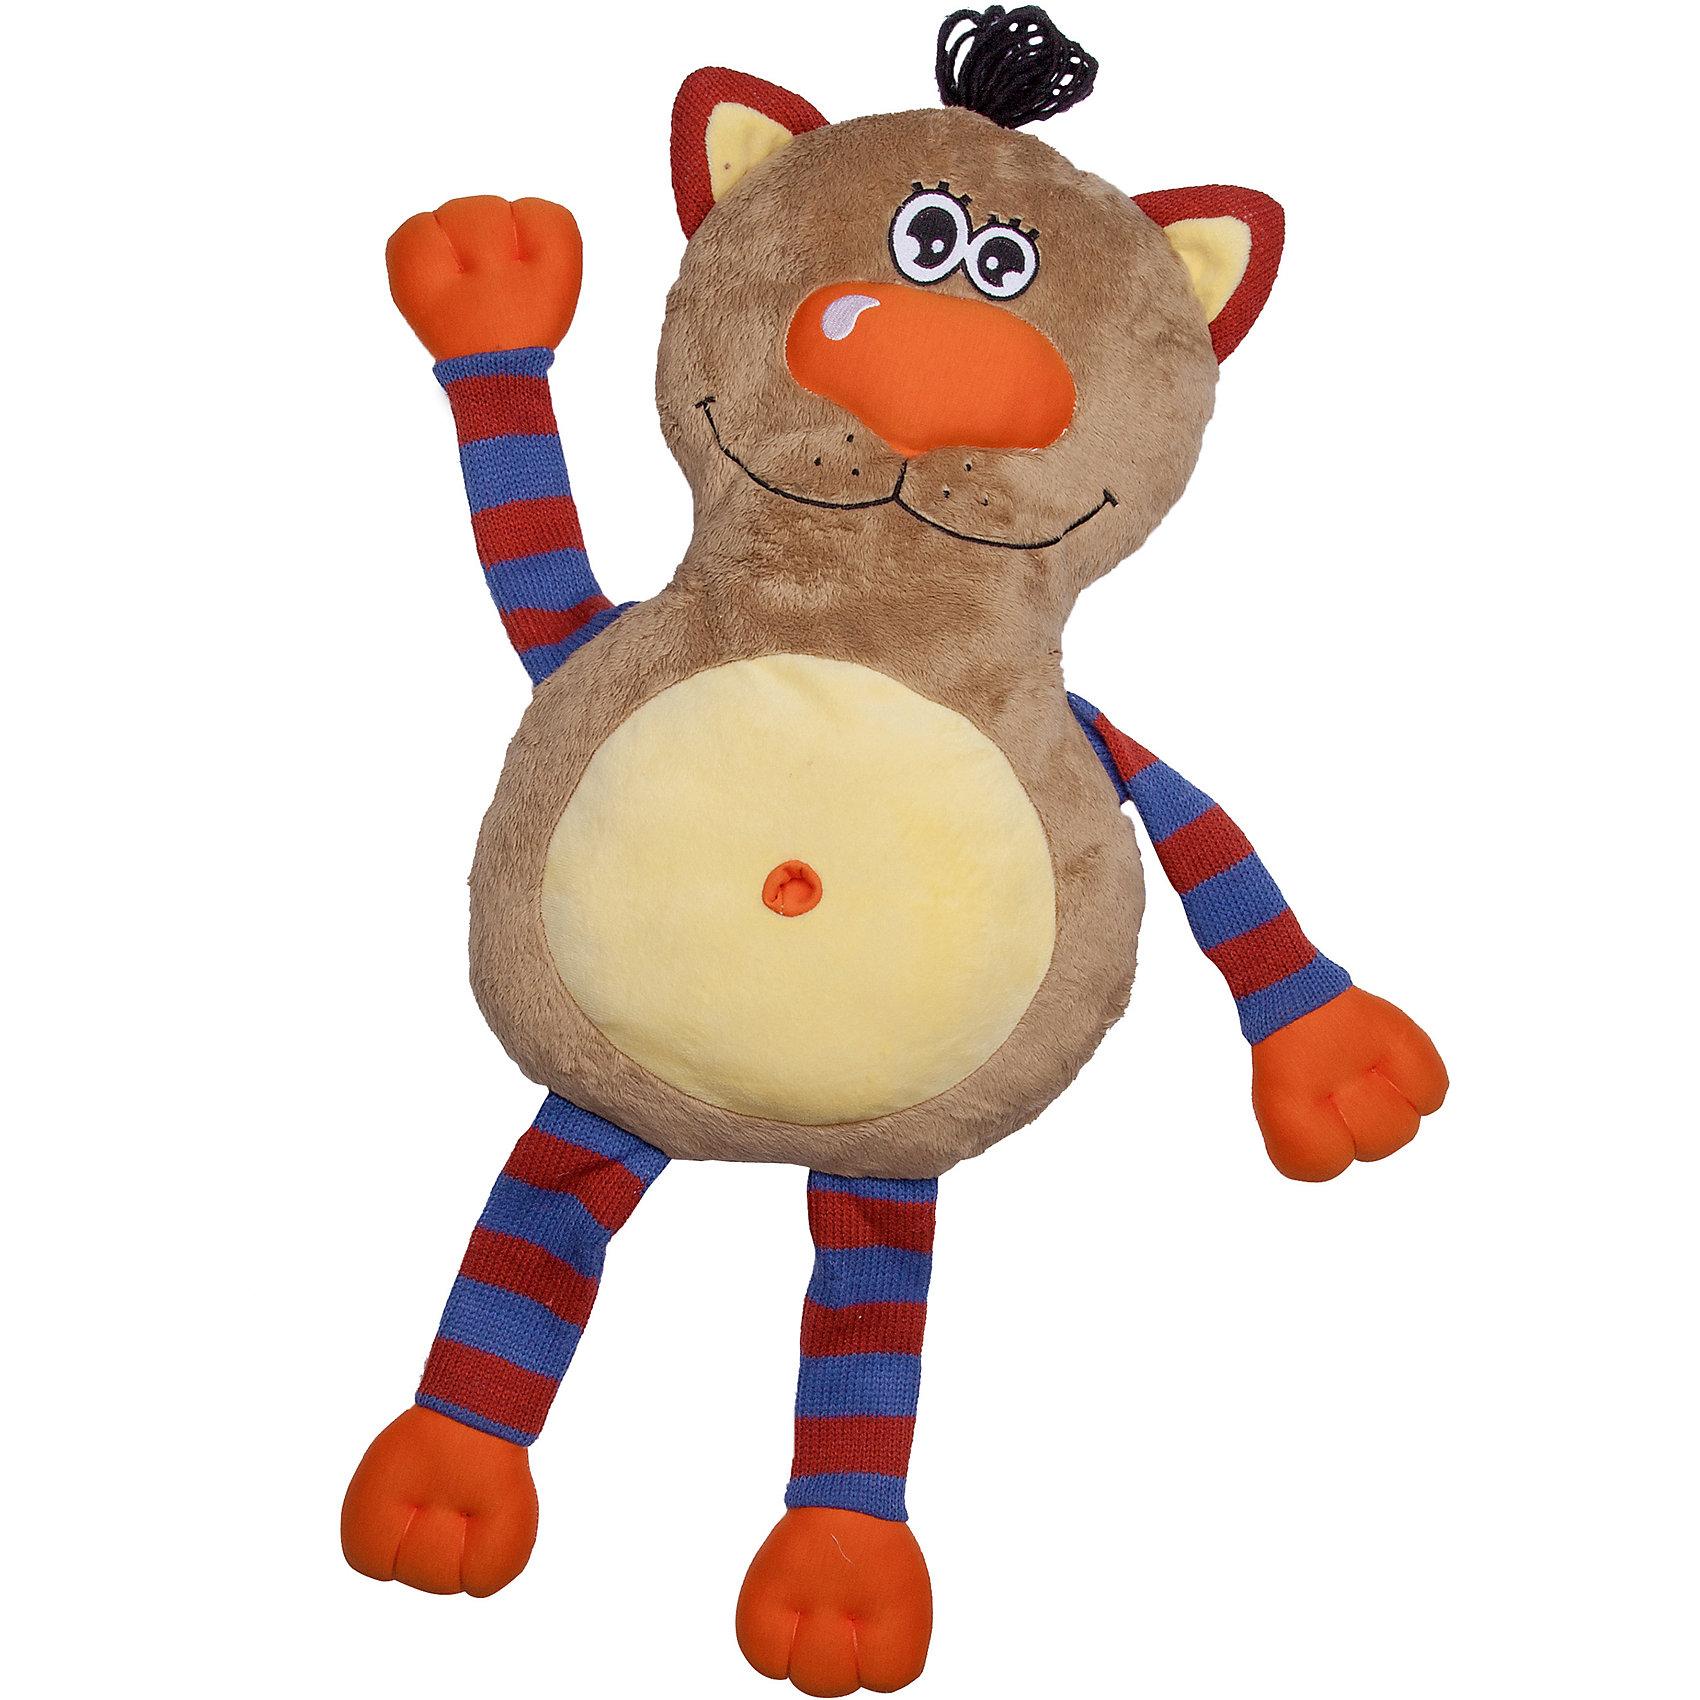 Игрушка-обнимашка Кот, 60 см, Fluffy FamilyМягкие игрушки – фавориты среди девчачьих игрушек. Приятный материал и милая форма игрушки понравится всем девочкам, любящим игрушечных пушистиков. Кот – интересный вариант для подарка, когда хочется показать свою нежность, испытываемую к получателю. Для самых маленьких мышь станет отличным компаньоном для сна в обнимку и настоящим другом, которому можно доверить все секреты. Материалы, использованные при изготовлении товара, абсолютно безопасны и отвечают всем международным требованиям по качеству.<br><br>Дополнительные характеристики:<br><br>материал: искусственный мех;<br>габариты: 60 см.<br><br>Игрушку-обнимашку Кот от компании Fluffy Family можно приобрести в нашем магазине.<br><br>Ширина мм: 650<br>Глубина мм: 580<br>Высота мм: 450<br>Вес г: 1000<br>Возраст от месяцев: 36<br>Возраст до месяцев: 96<br>Пол: Унисекс<br>Возраст: Детский<br>SKU: 5032472